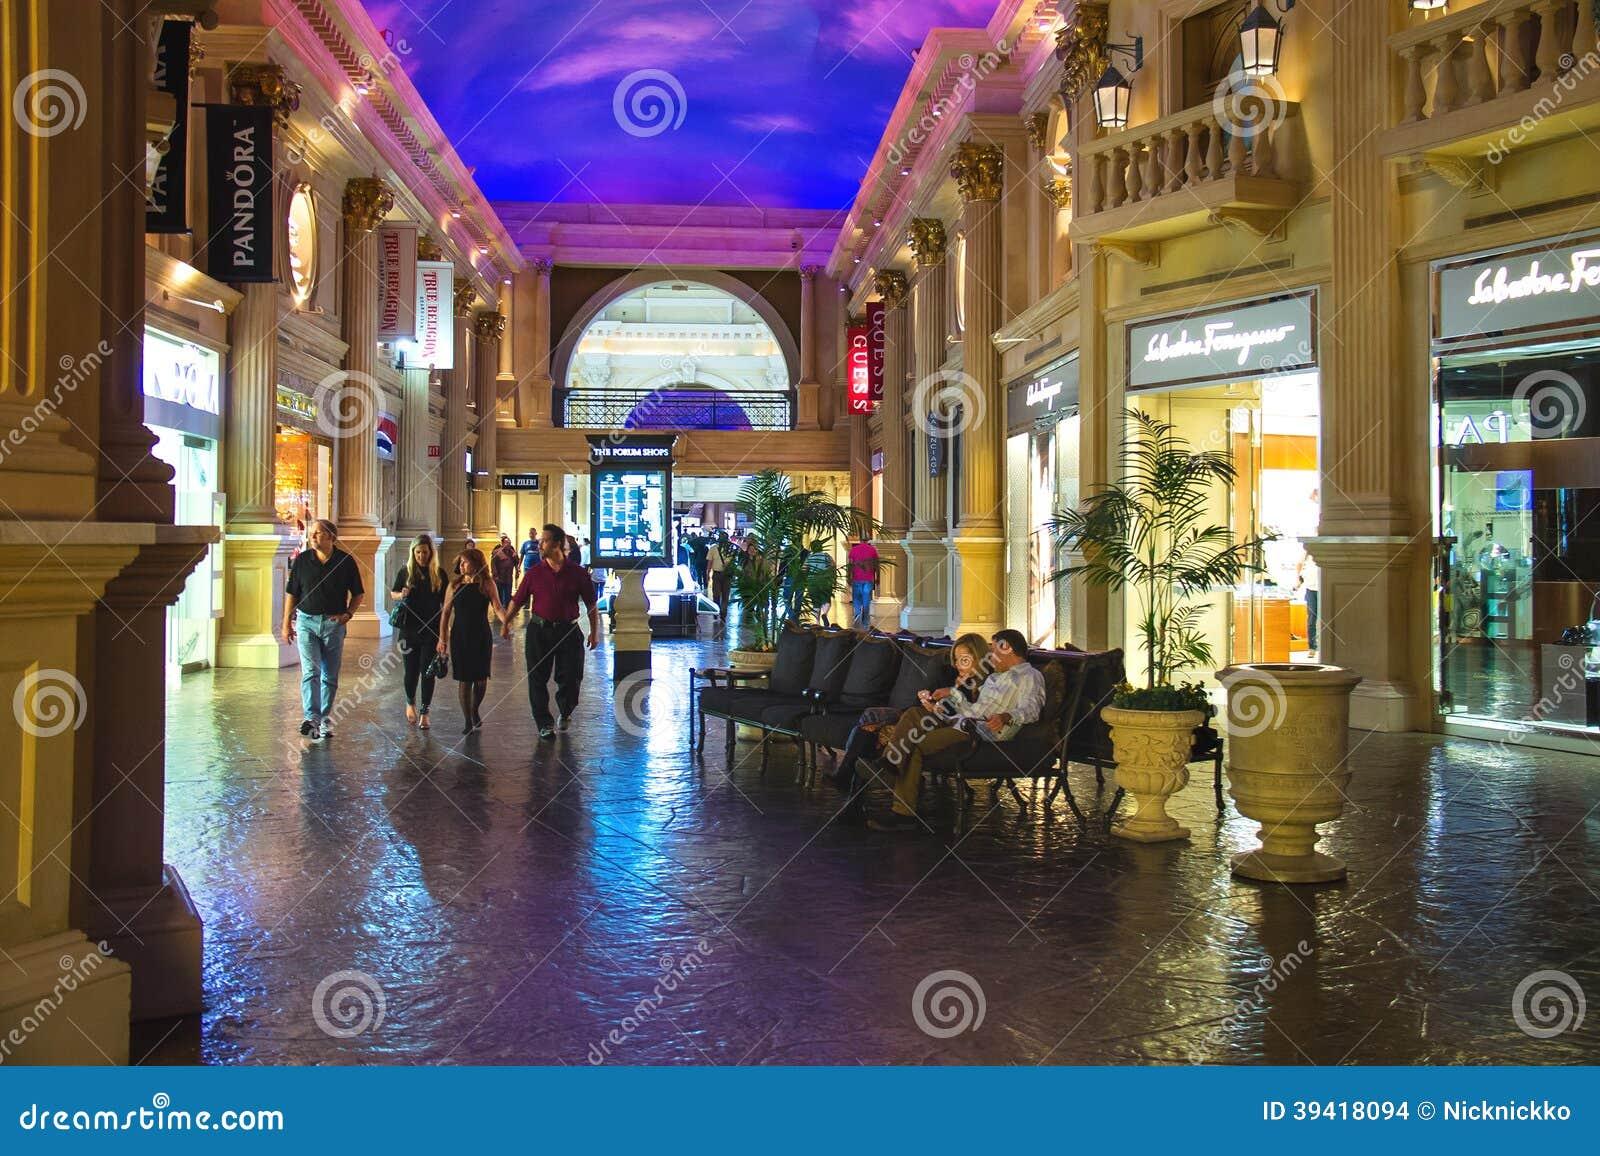 moncler las vegas forum shops